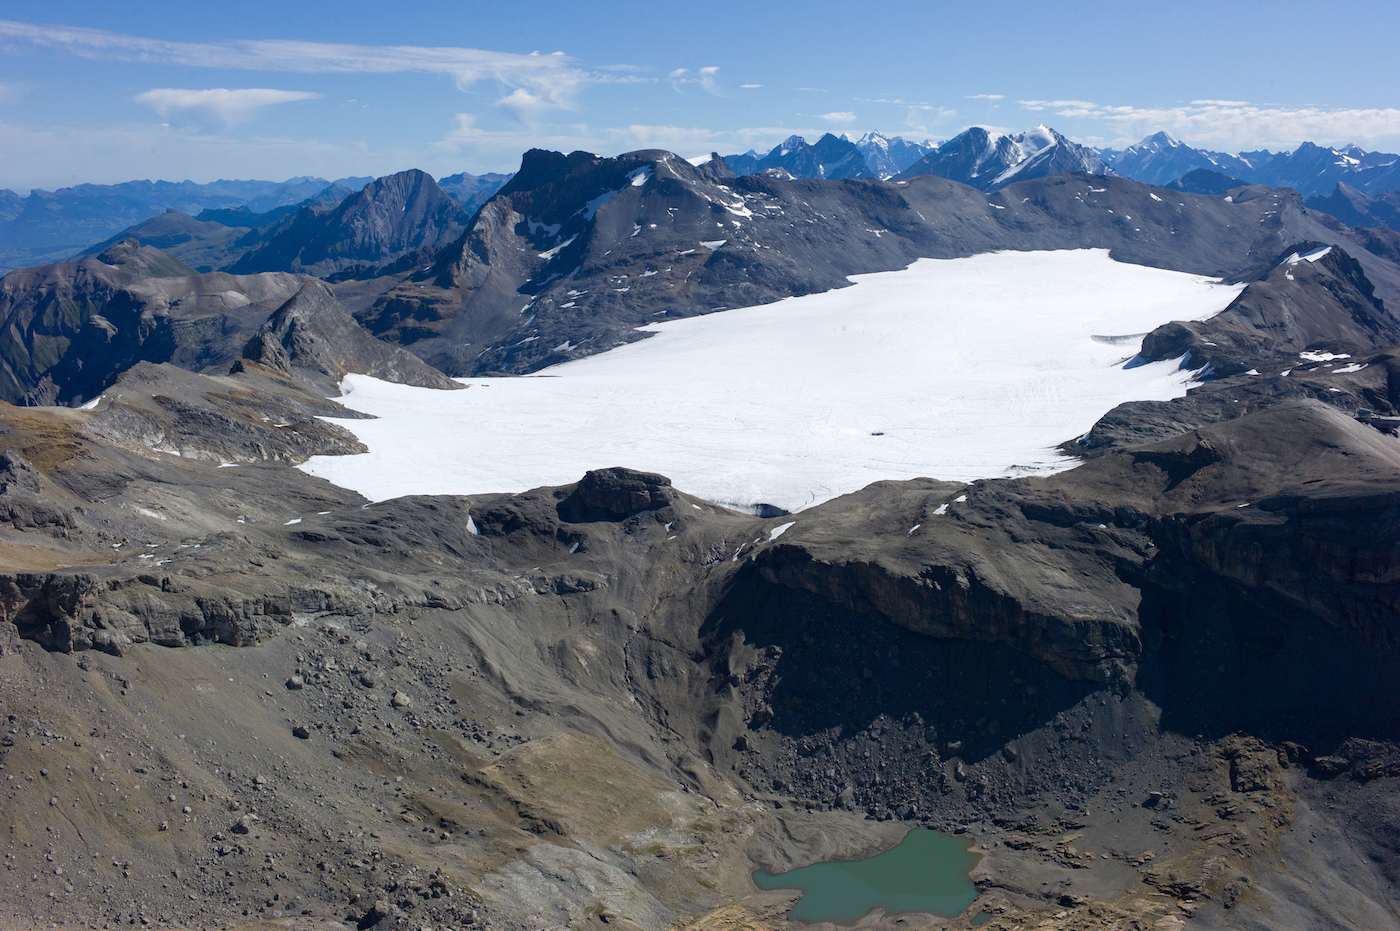 Il ghiacciaio della Plaine Morte - foto Crans-Montana Tourisme & Congrès/Olivier Maire